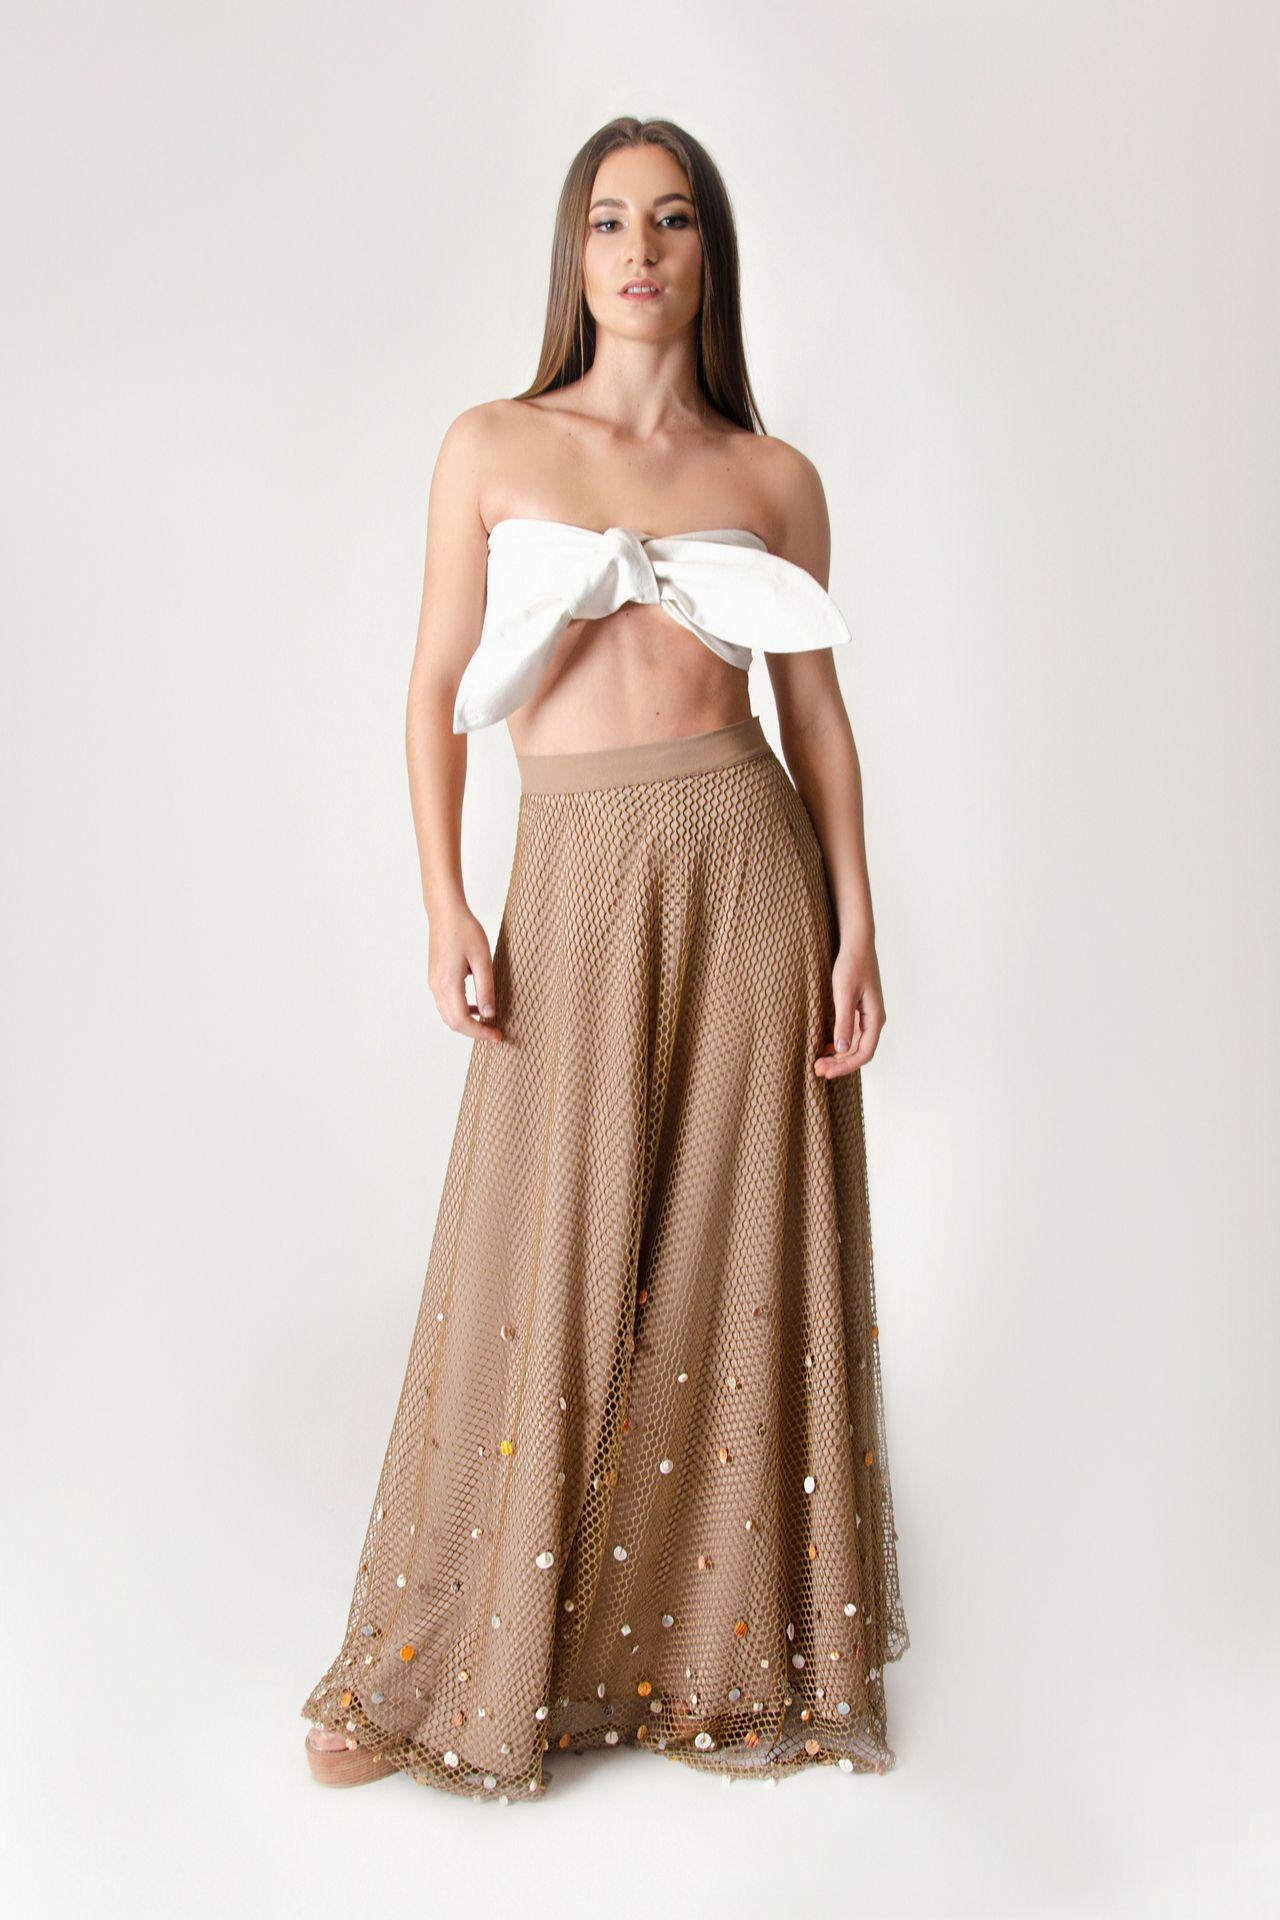 Falda en red con aplicaciones de elemntos marinos, con falda interna de forro y removible. Disponible de cierre lateral.